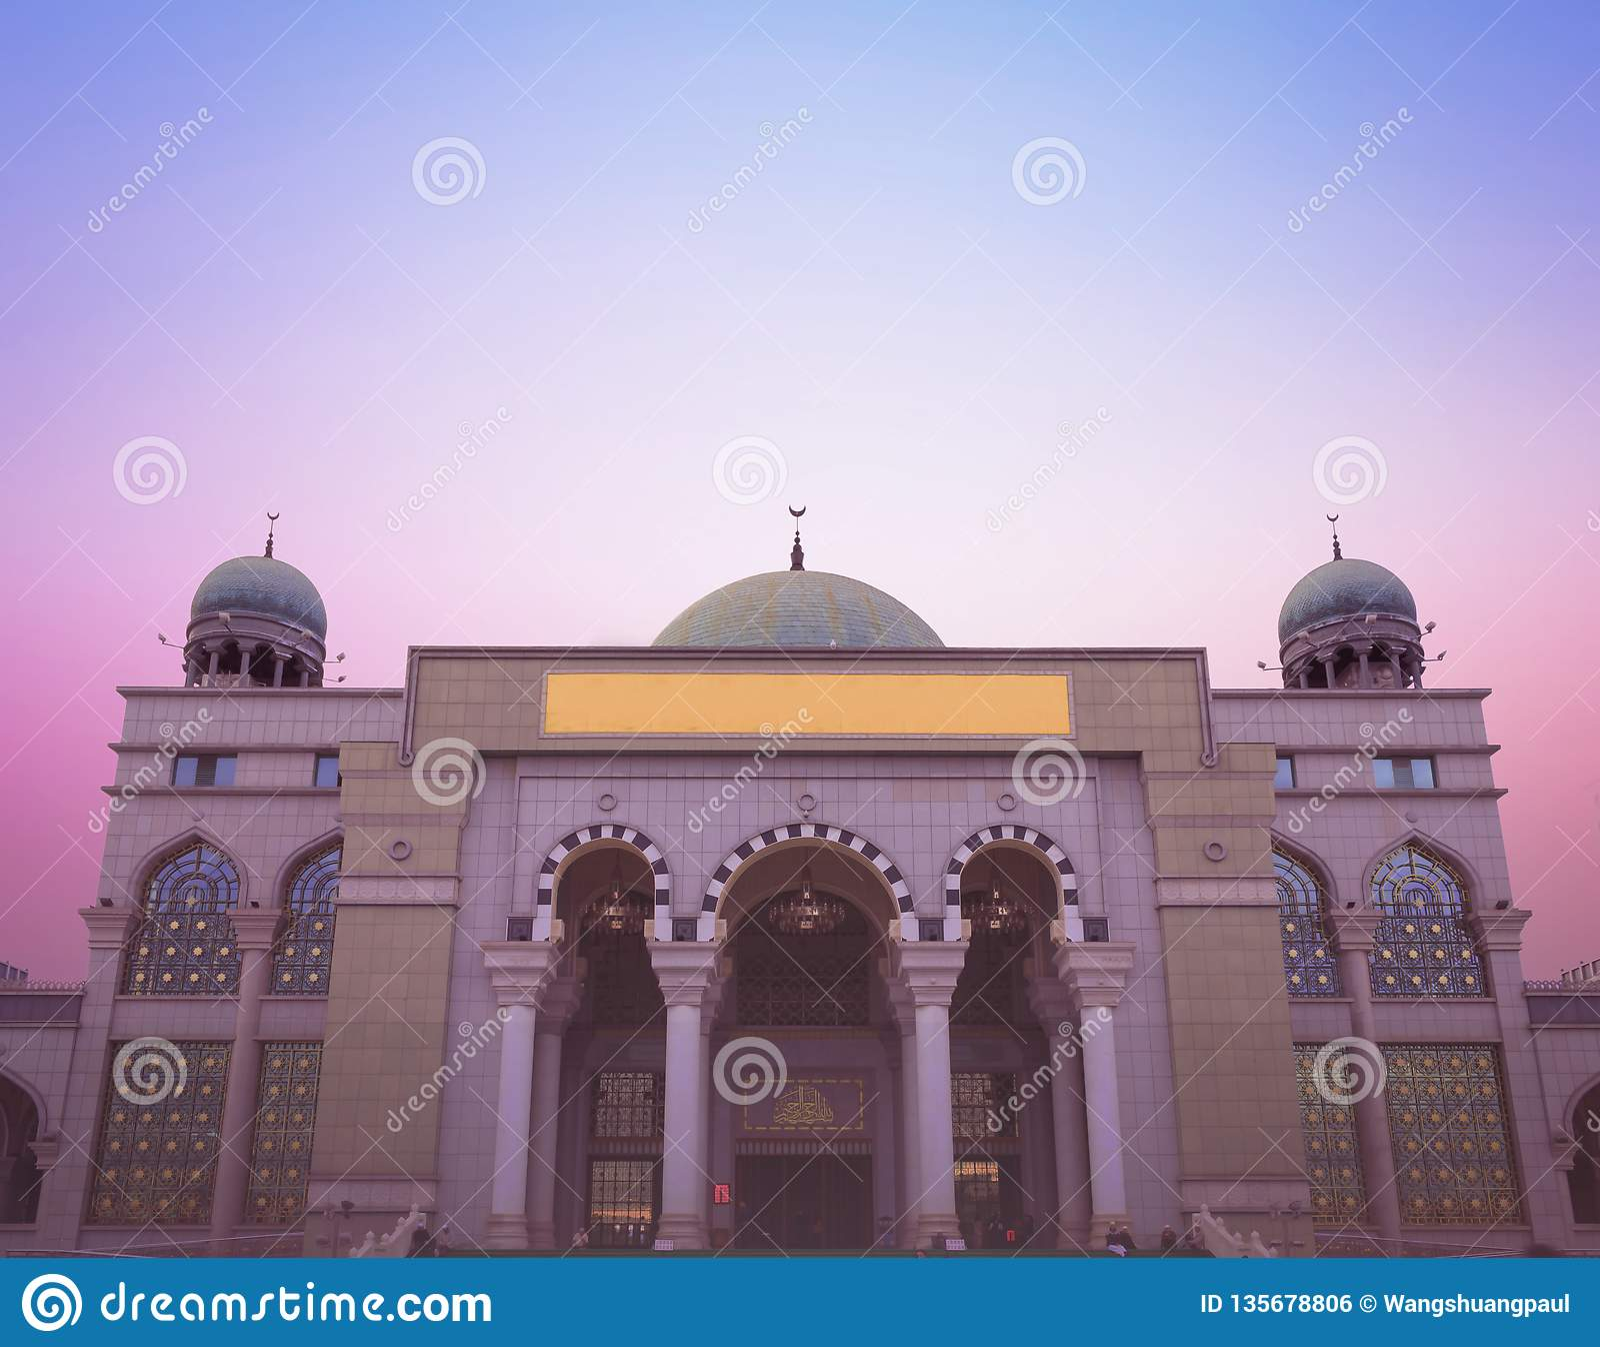 Weltreligiöses Tageskonzept: Schöne Moschee